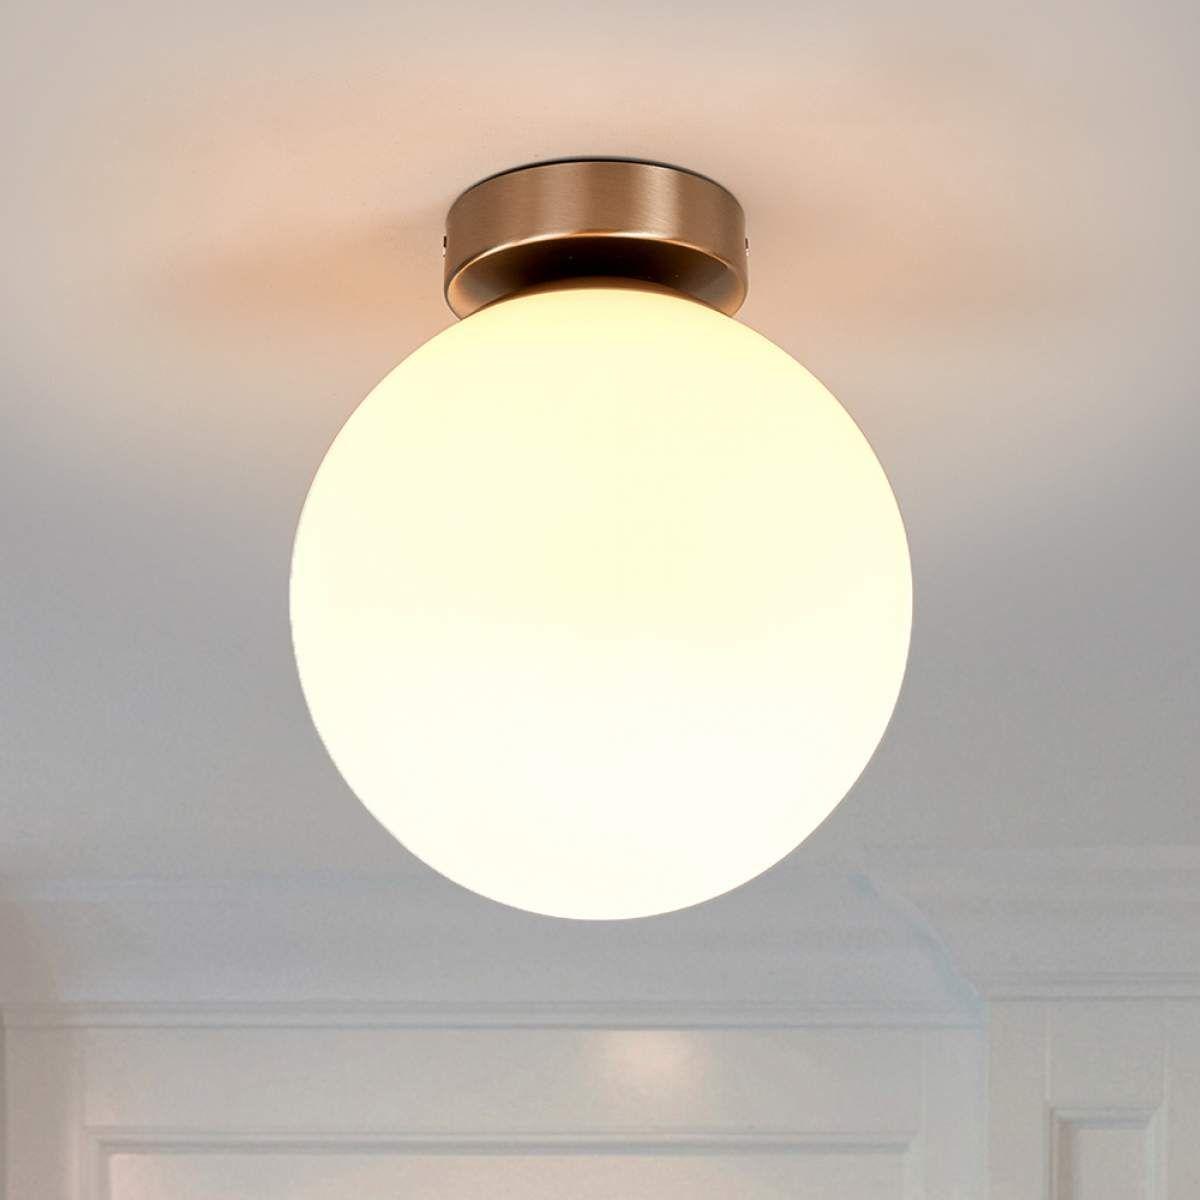 Runde Badezimmer Deckenleuchte Lennie In 2020 Badezimmerlampe